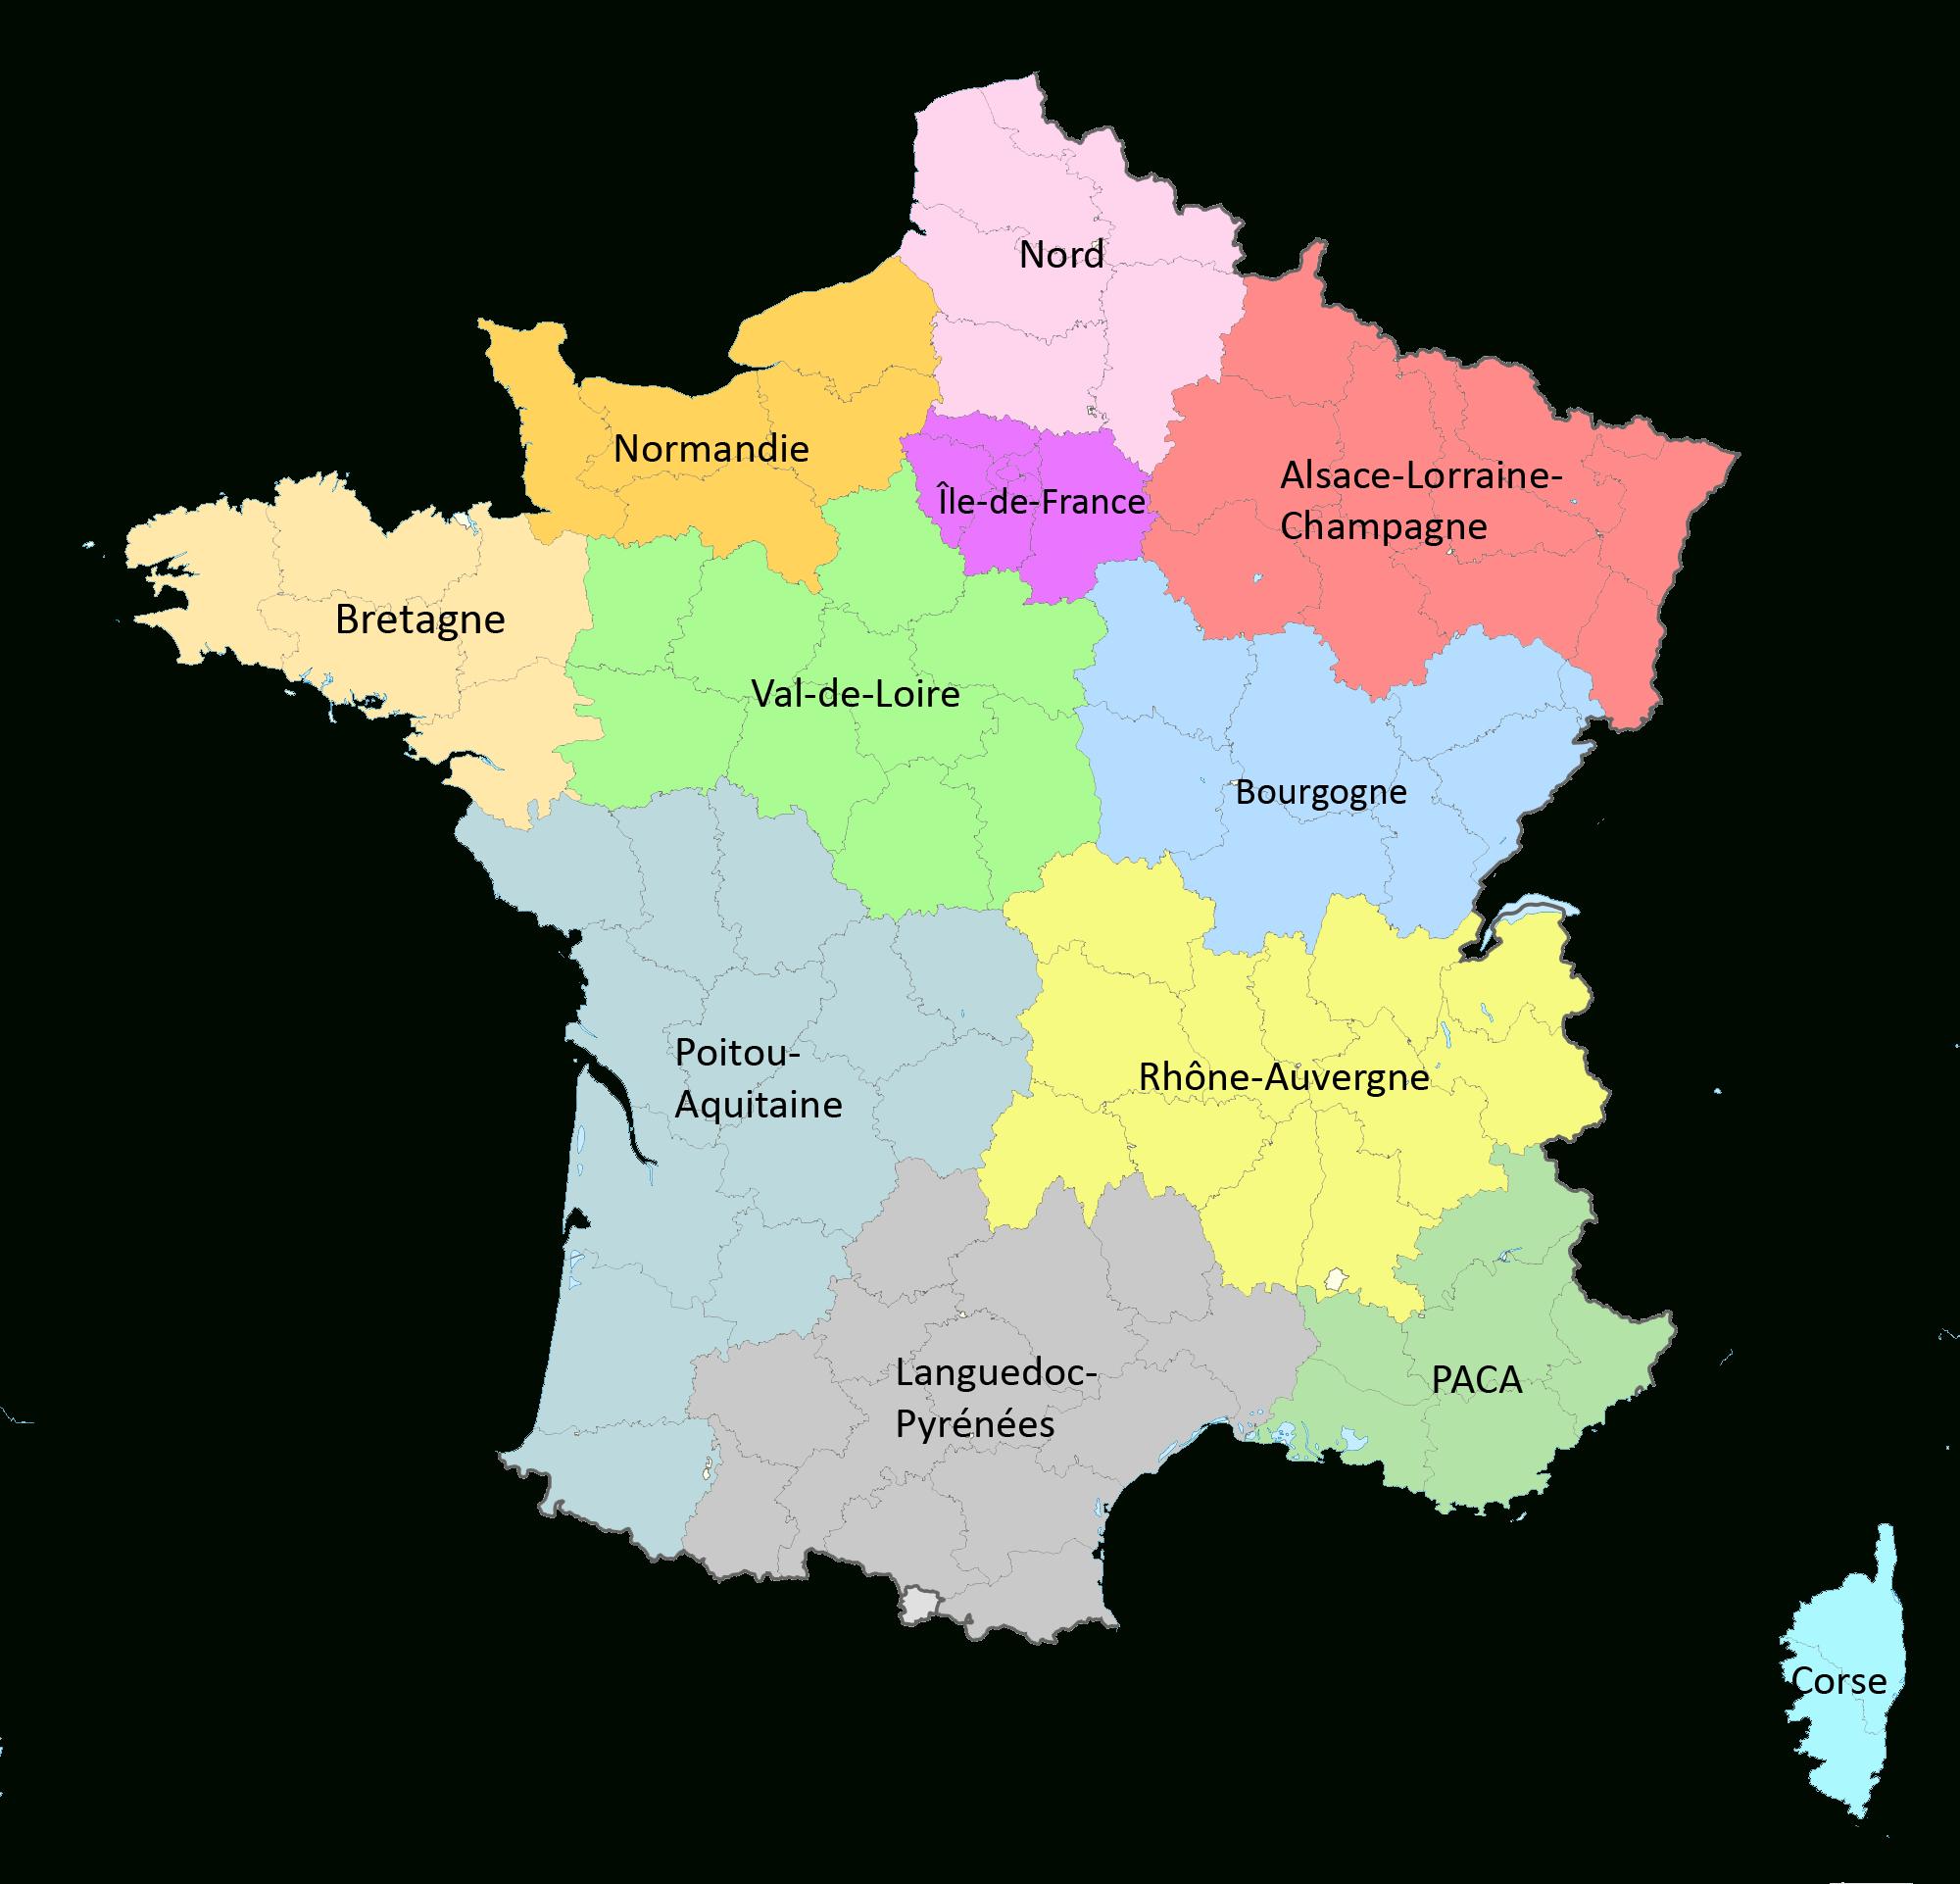 Réforme Territoriale : Une Nouvelle Carte À 12 Régions dedans Carte Nouvelle Region